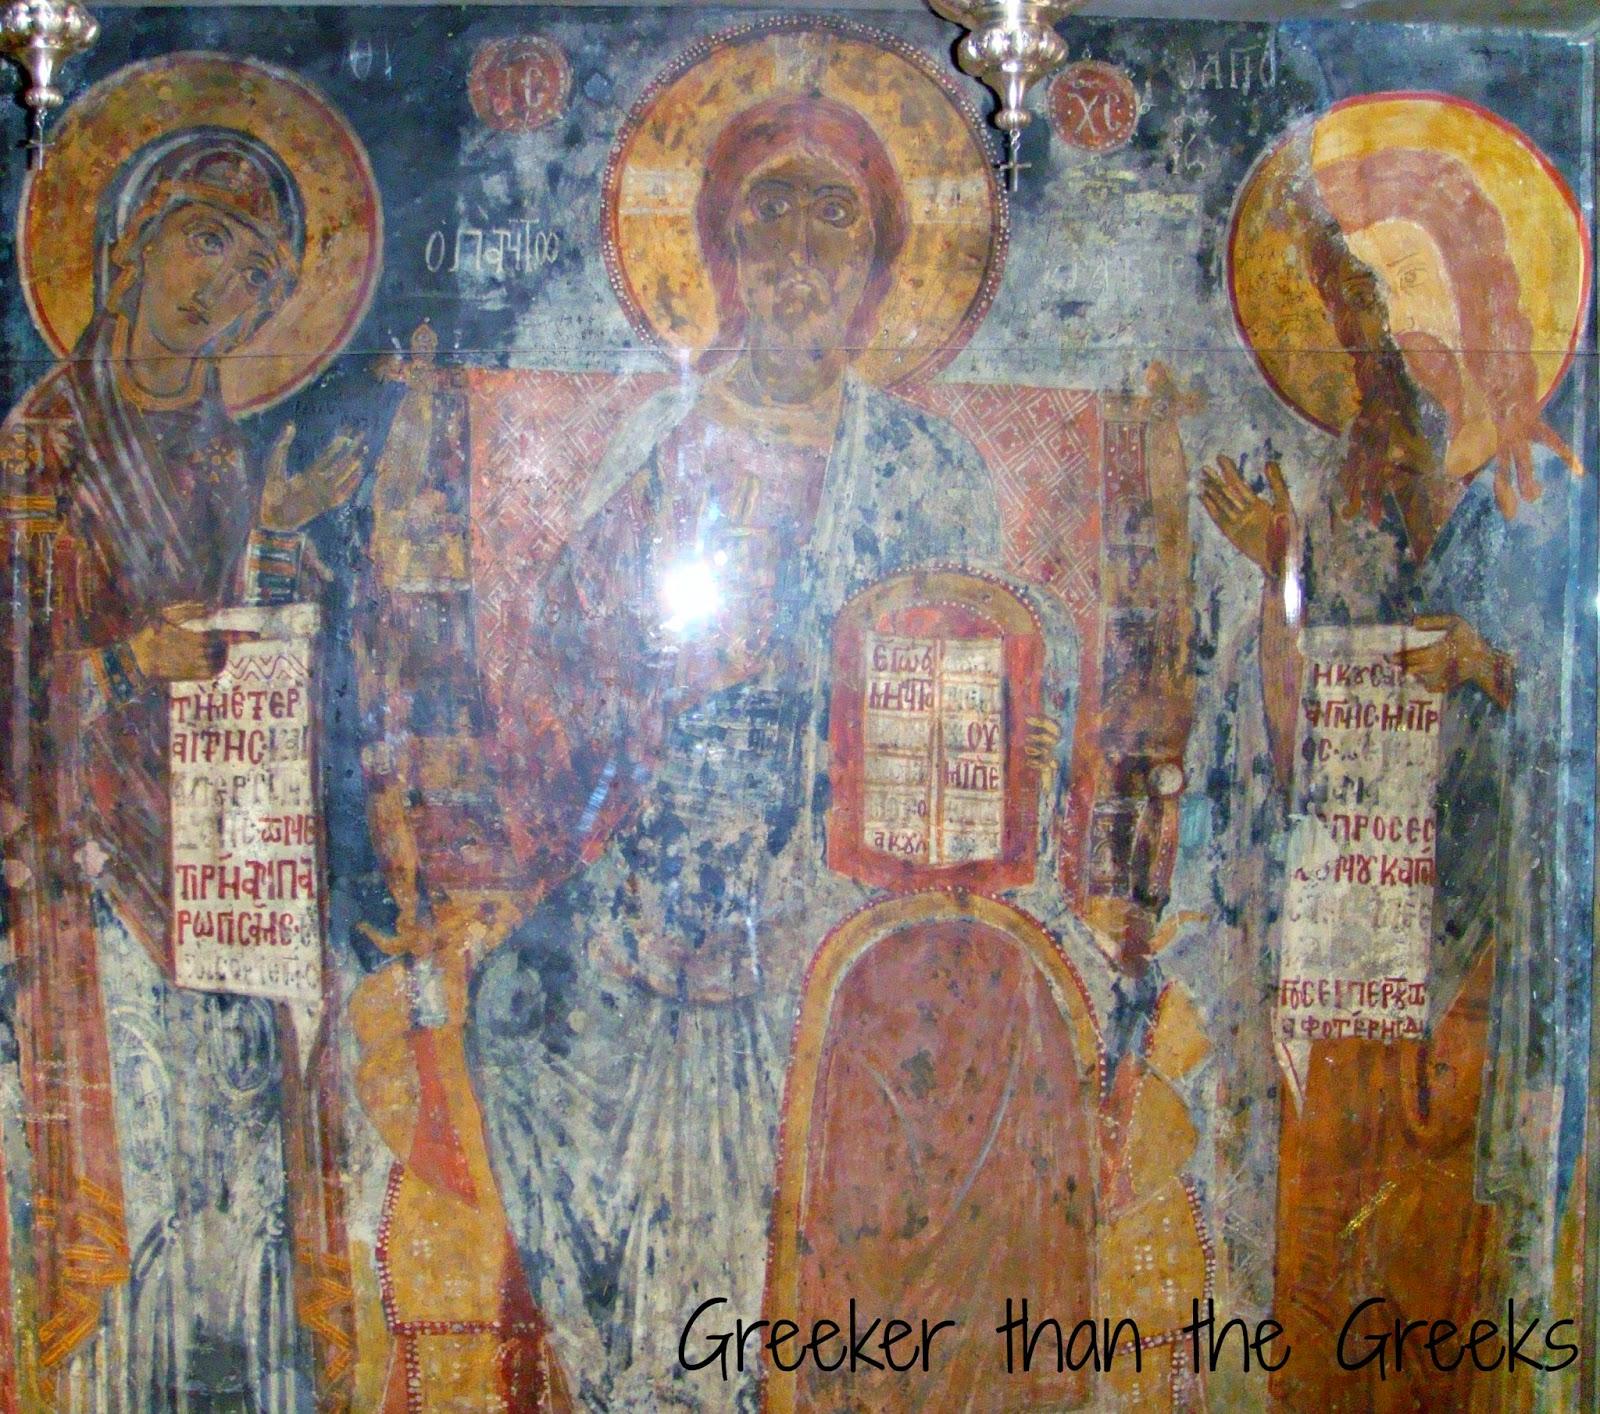 Byzantine wall painting